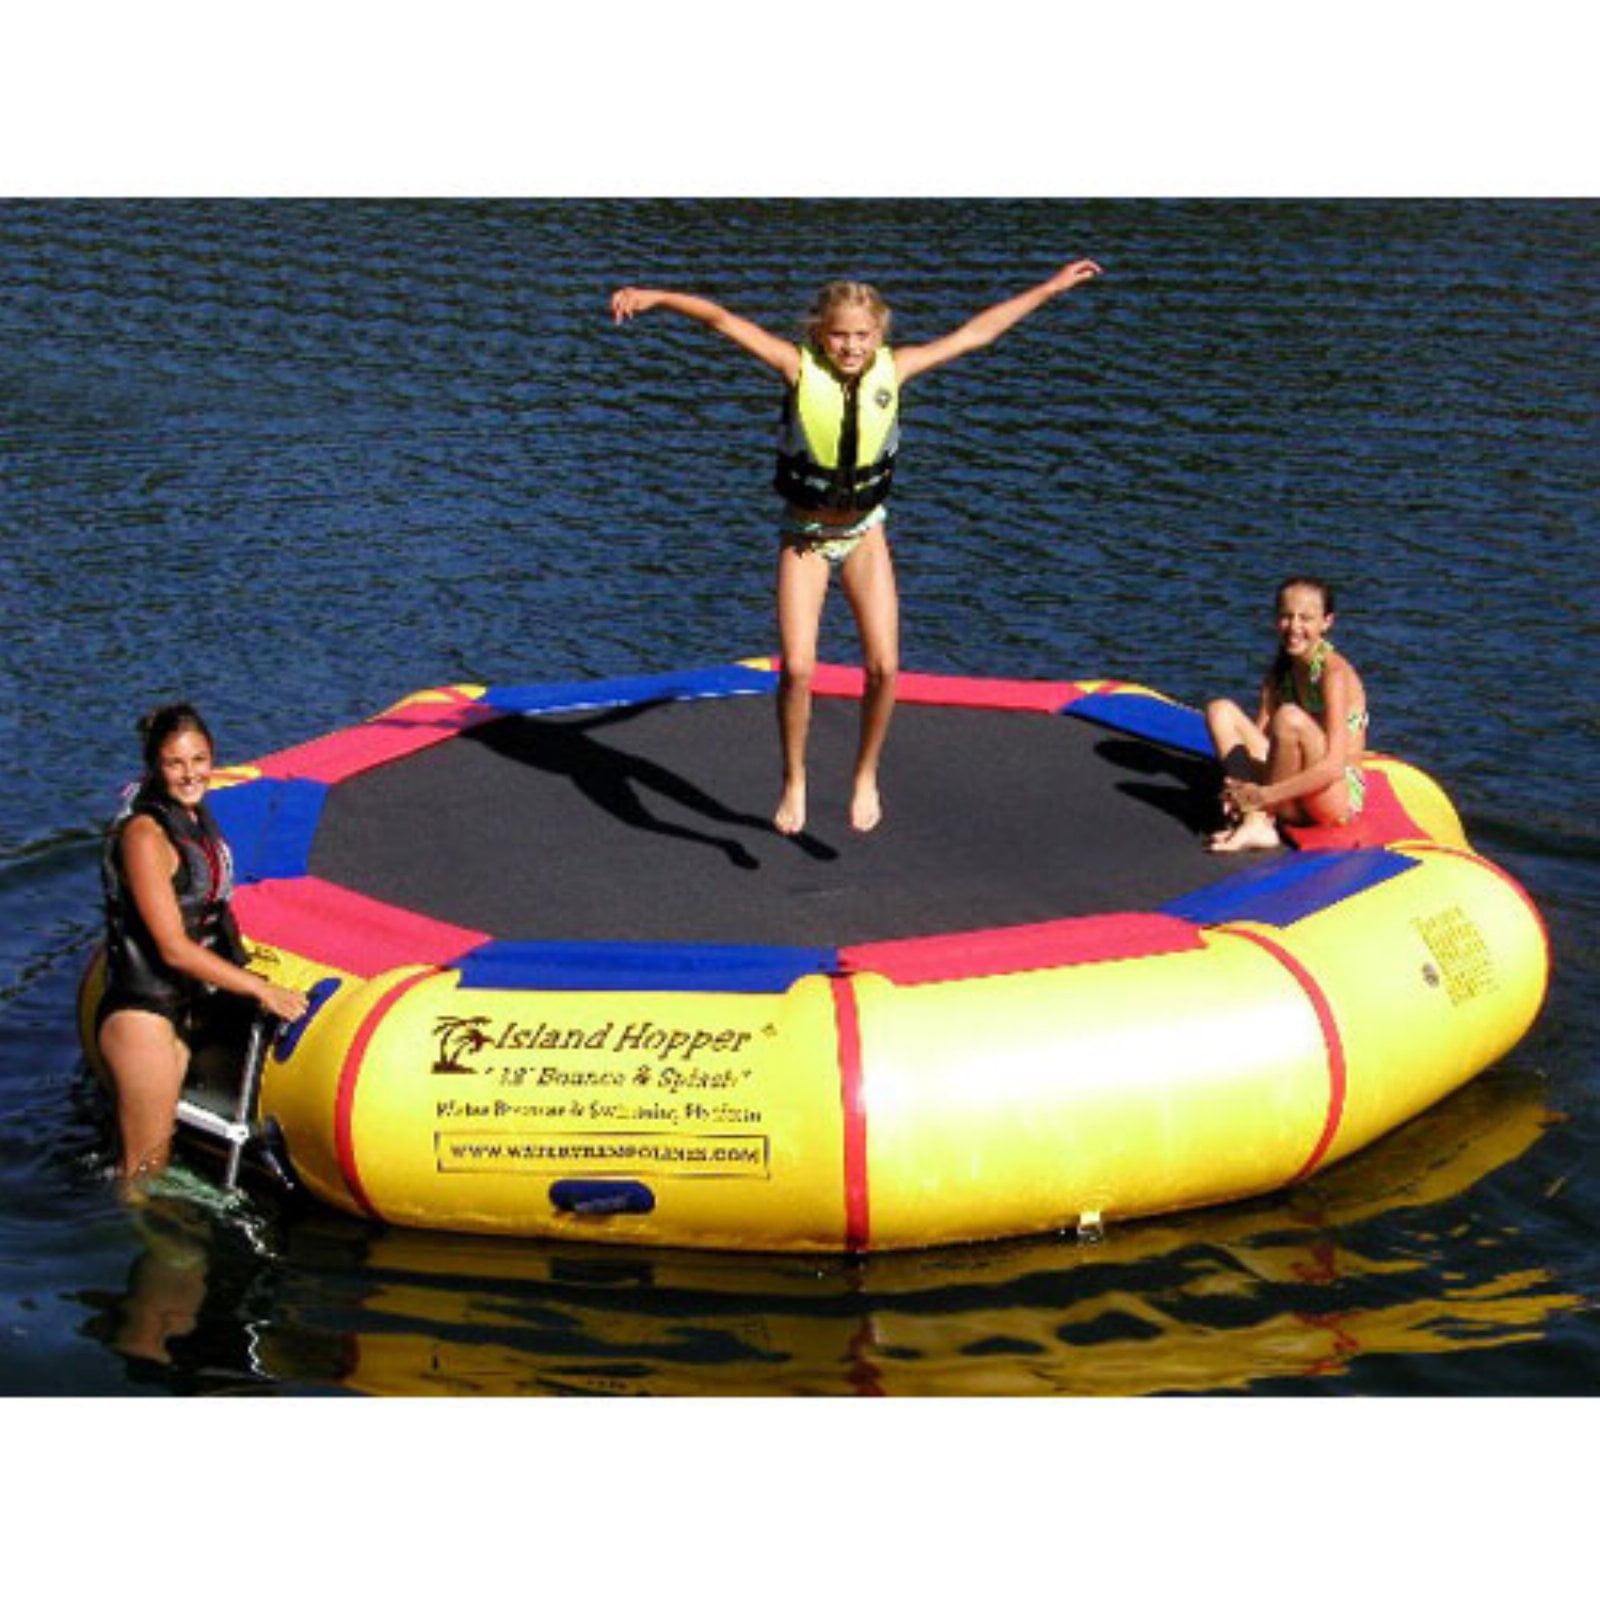 Island Hopper 13-ft. Bounce & Splash Padded Water Bouncer